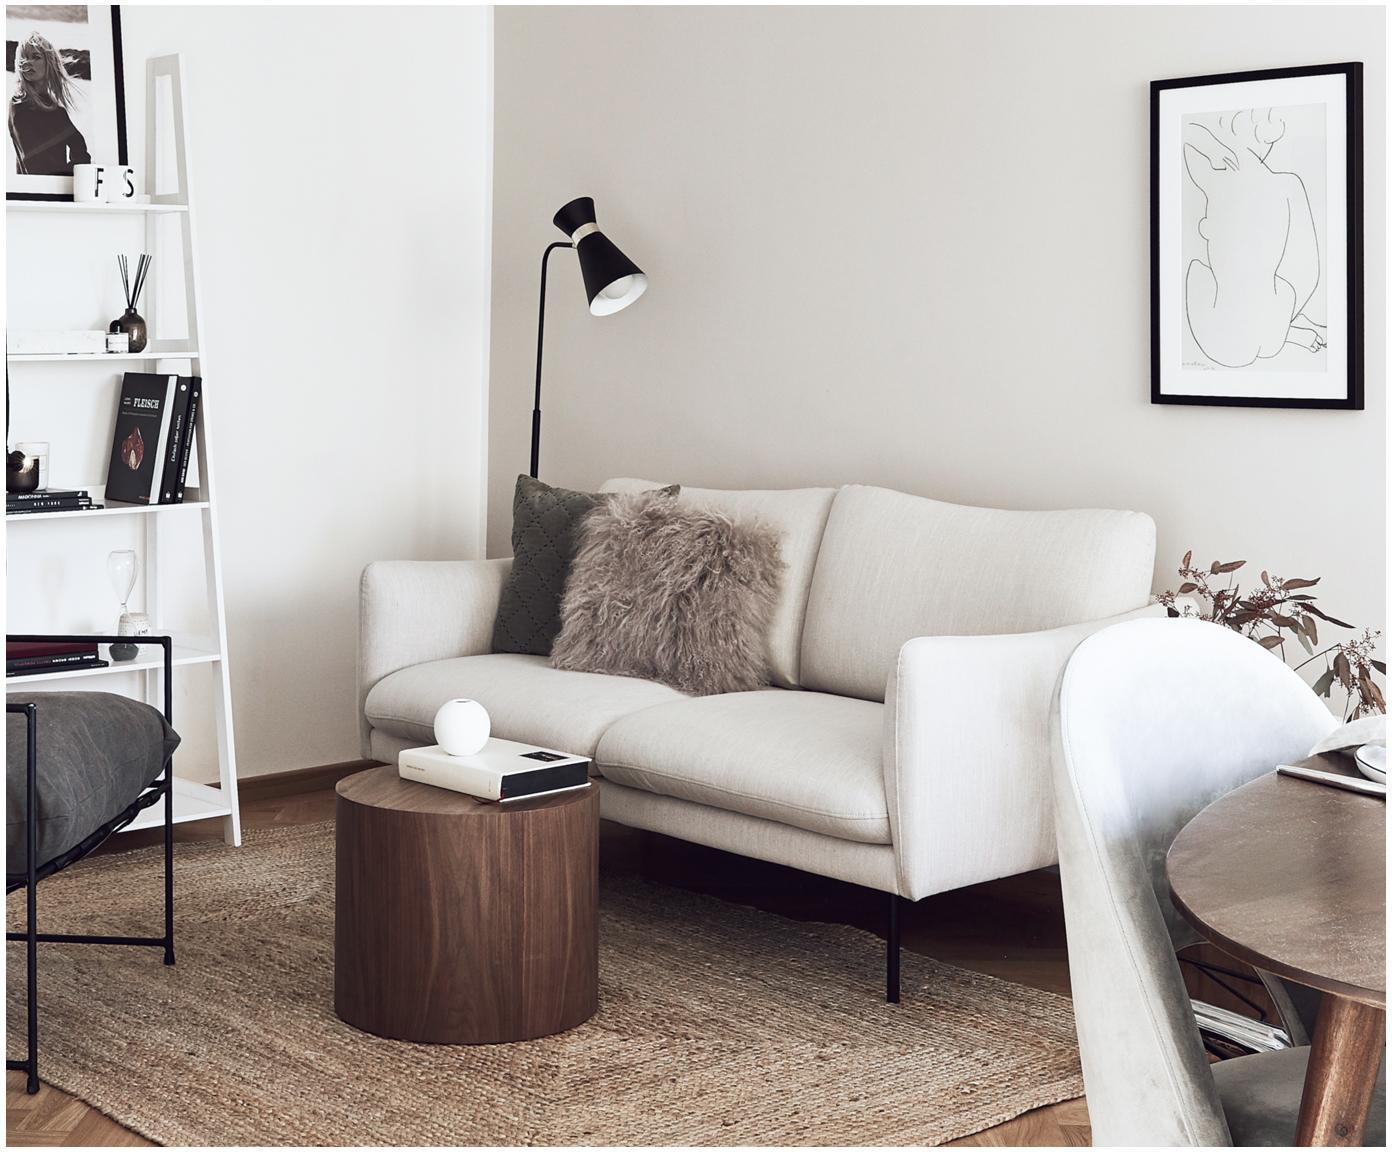 Bank Moby (2-zits), Bekleding: polyester, Frame: massief grenenhout, Poten: gepoedercoat metaal, Beige, B 170 x D 95 cm